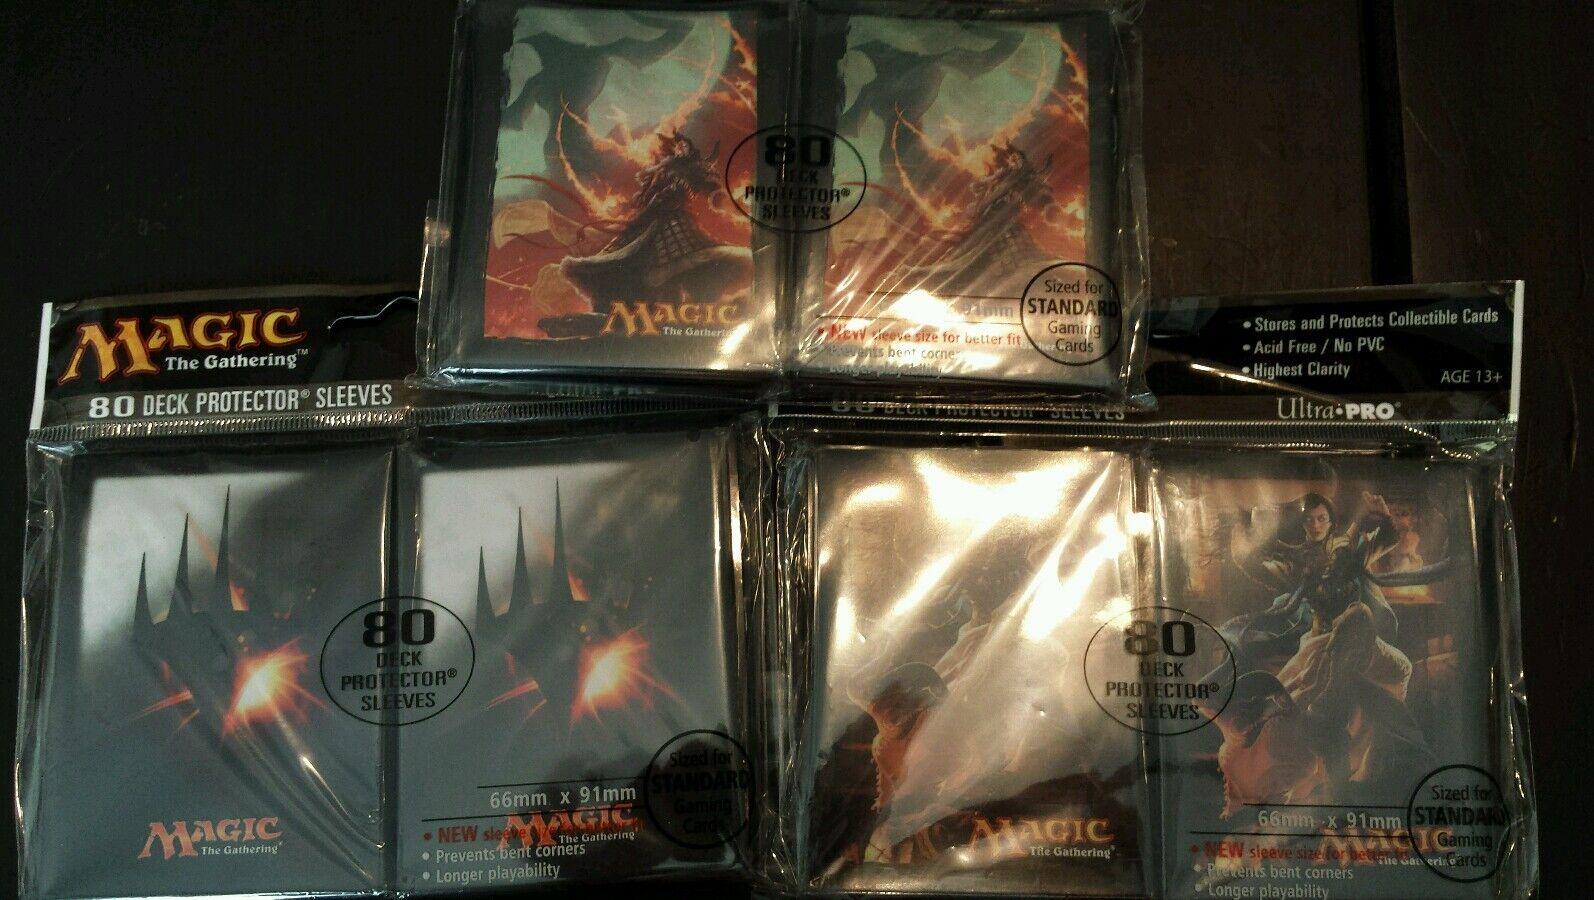 NIP Magic the Gathering Card Sleeves (3)80 ct pks pks pks aad874